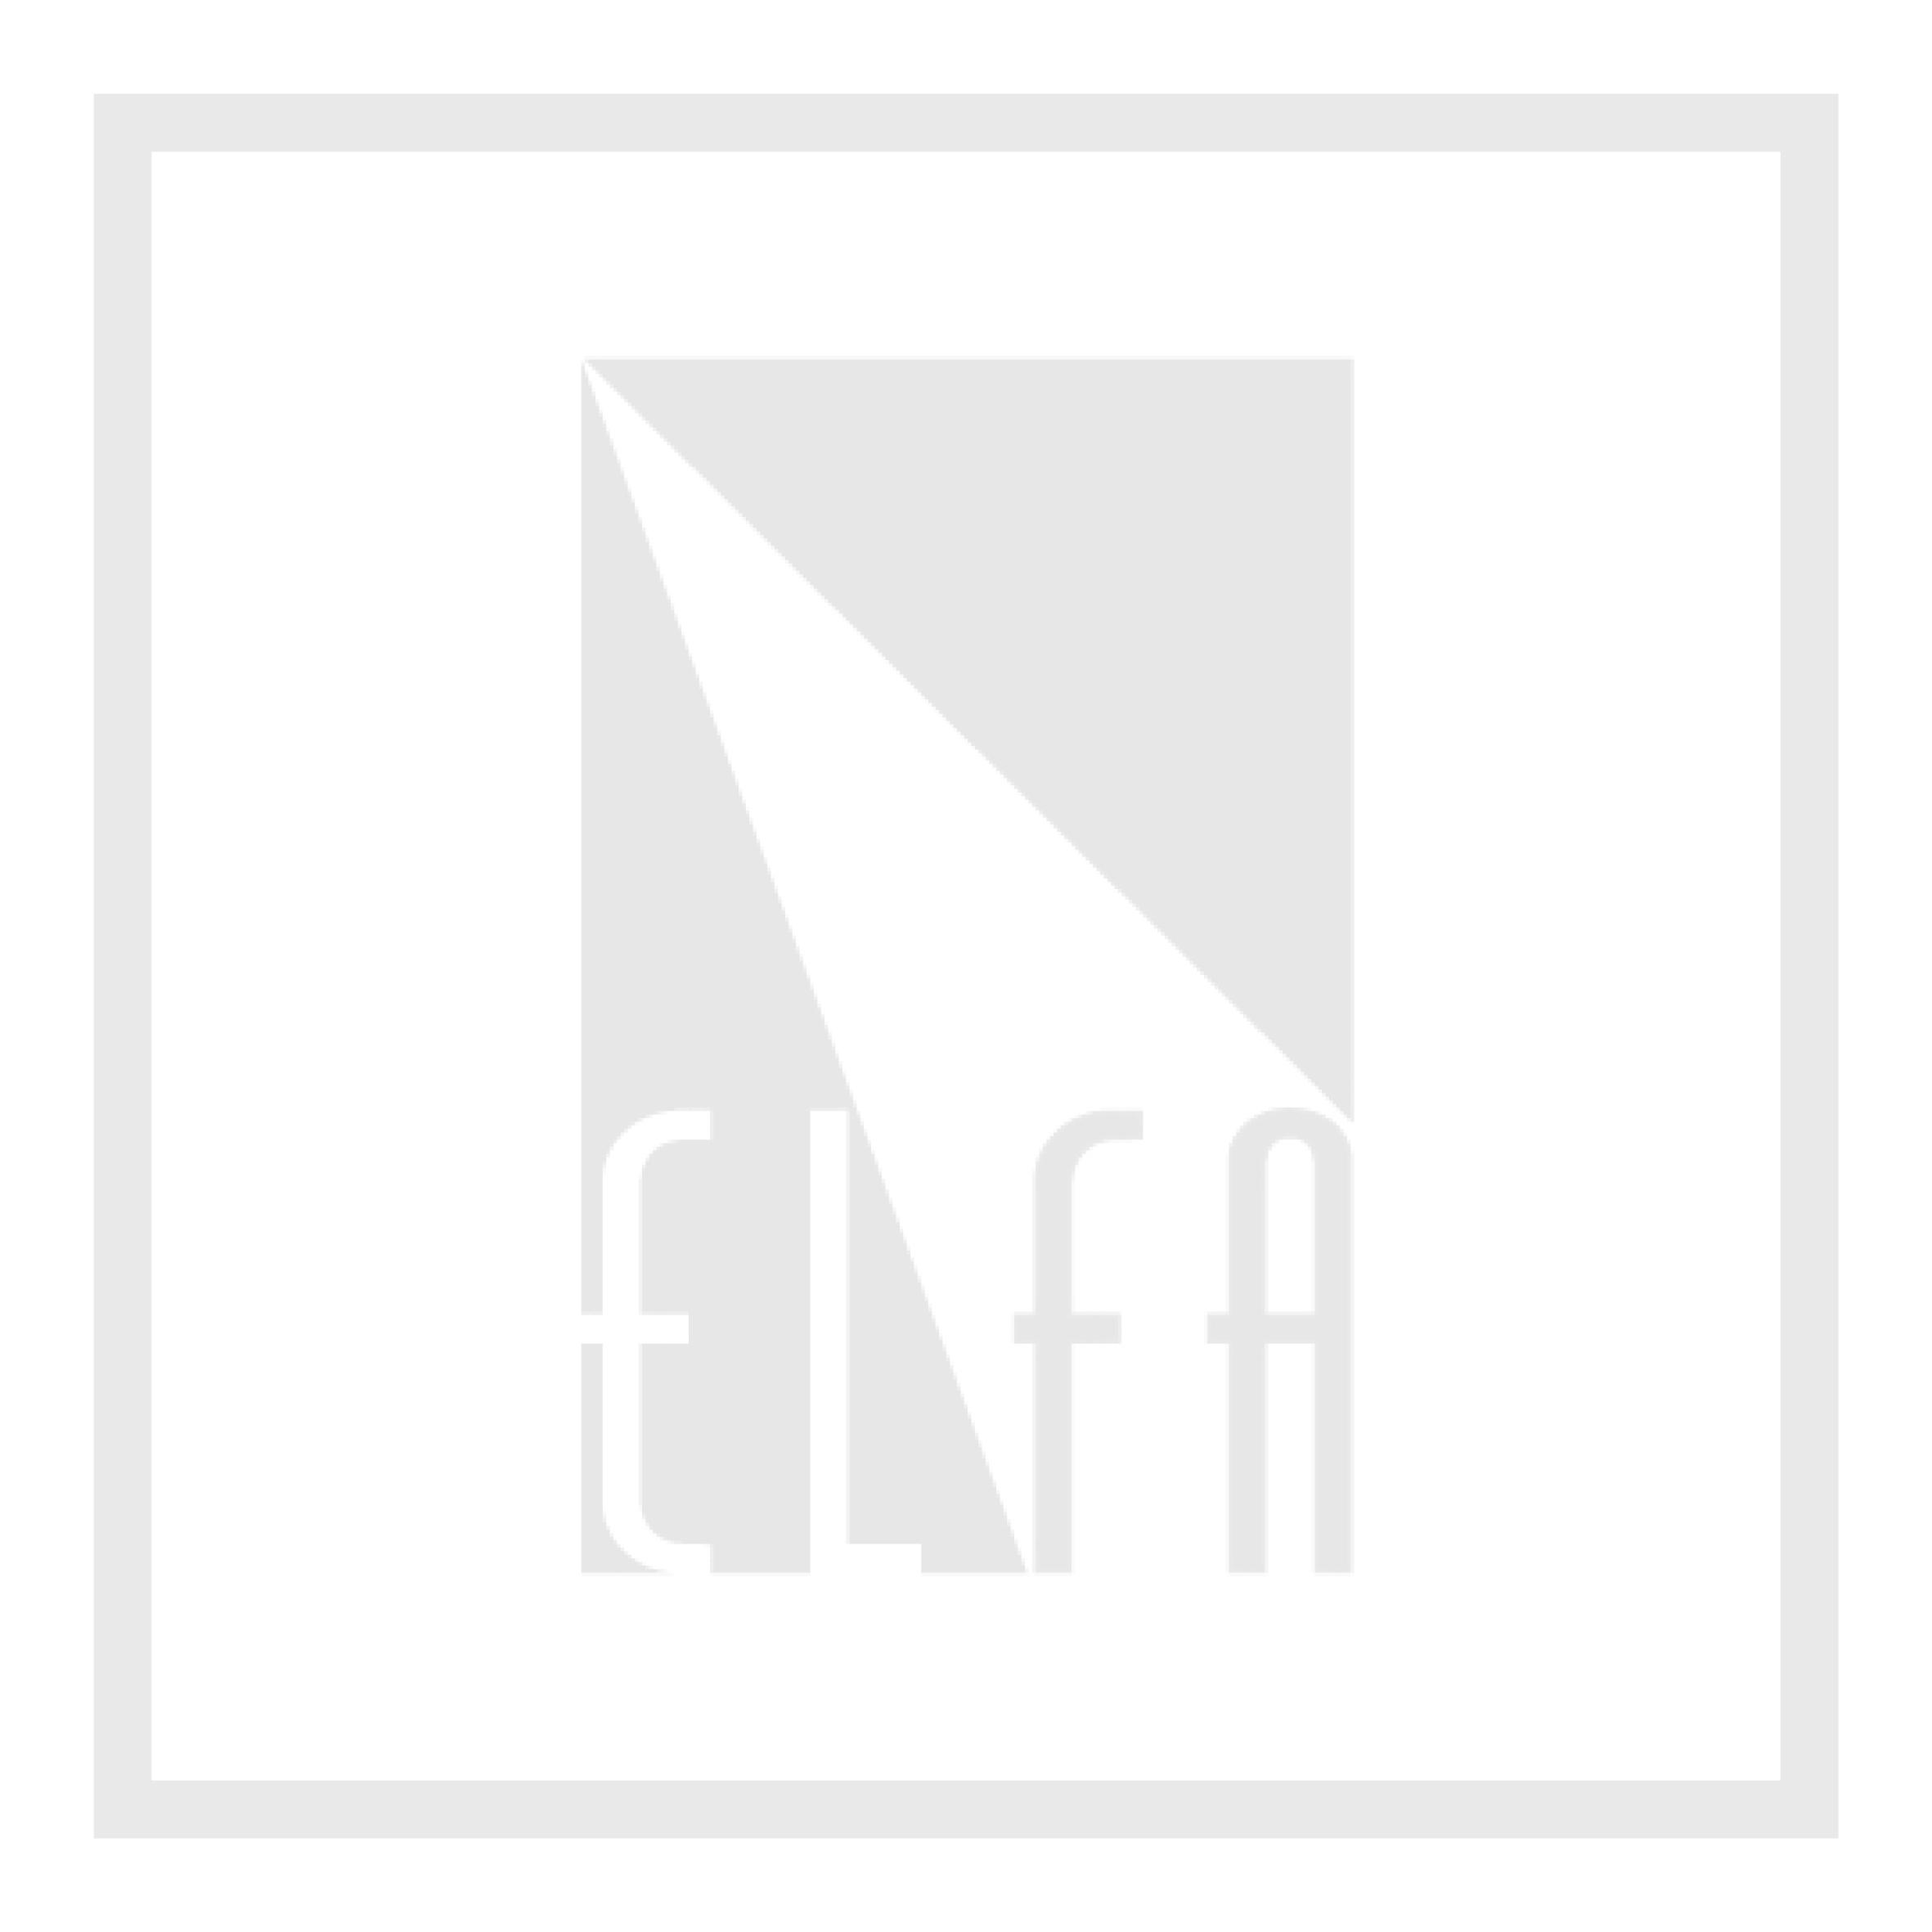 Panasonic Lithium knoopcel CR2354 3V 560mAh